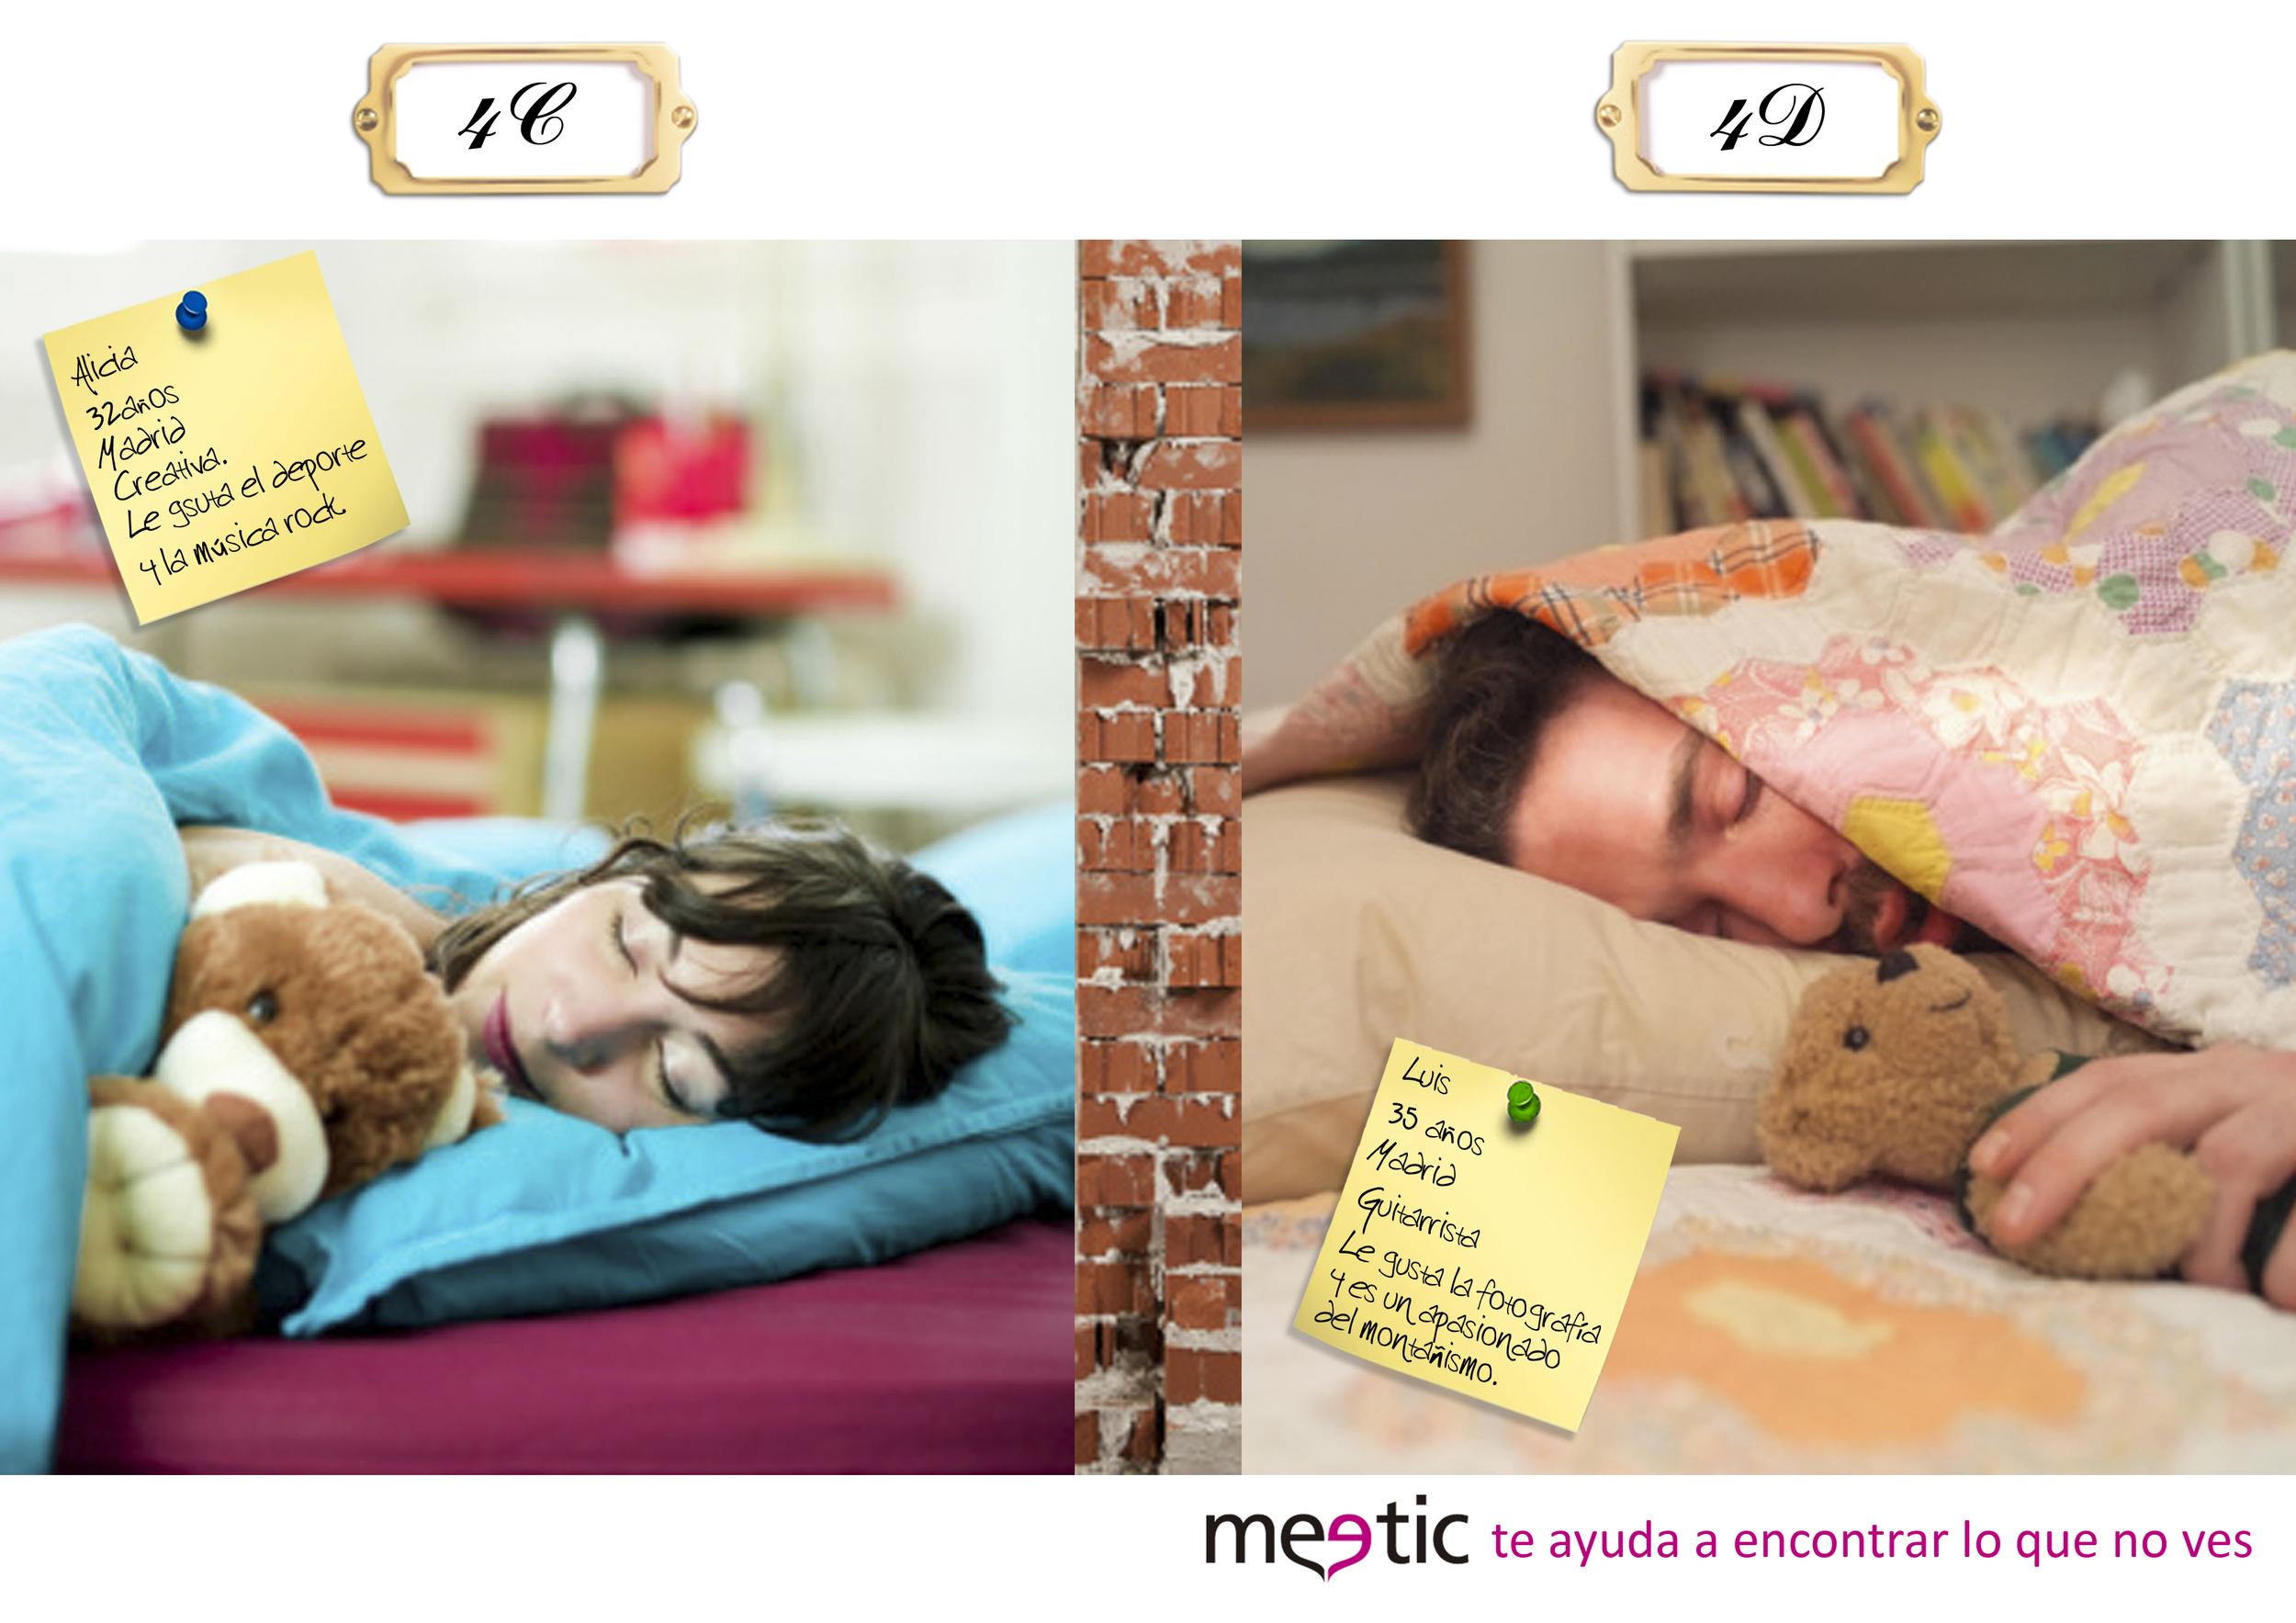 Meetic1.jpg